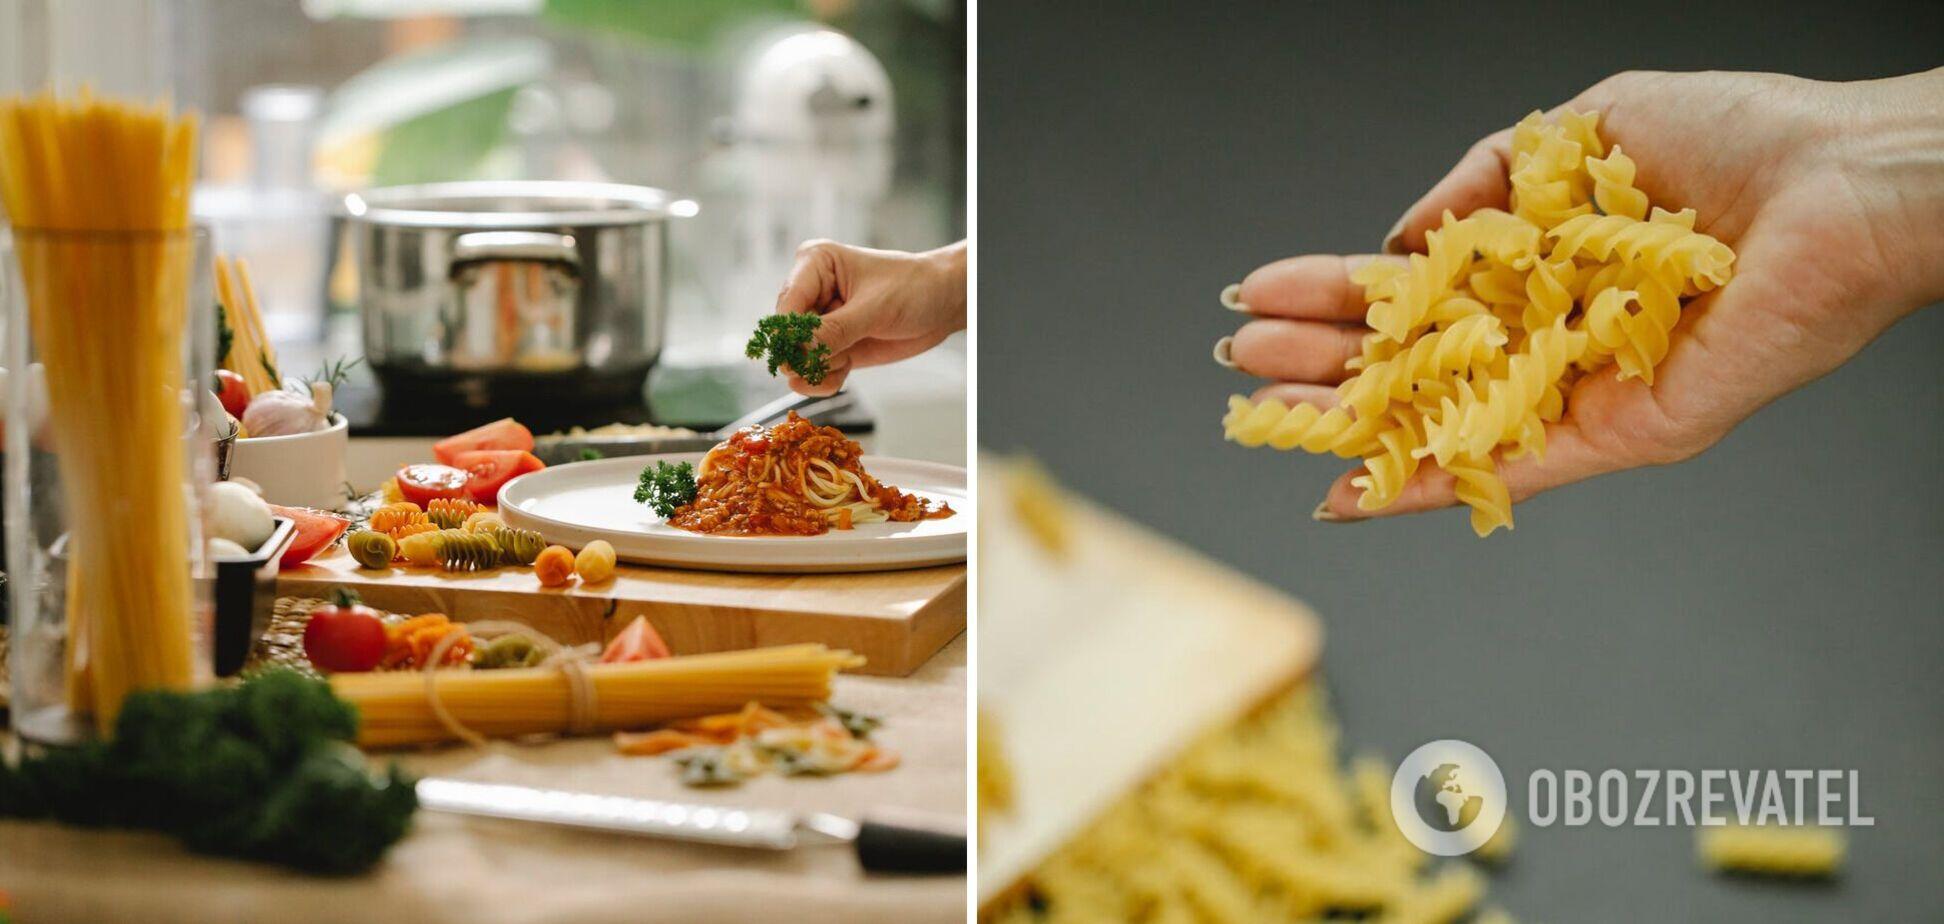 Как приготовить макароны без плиты и кипятка: нестандартный метод